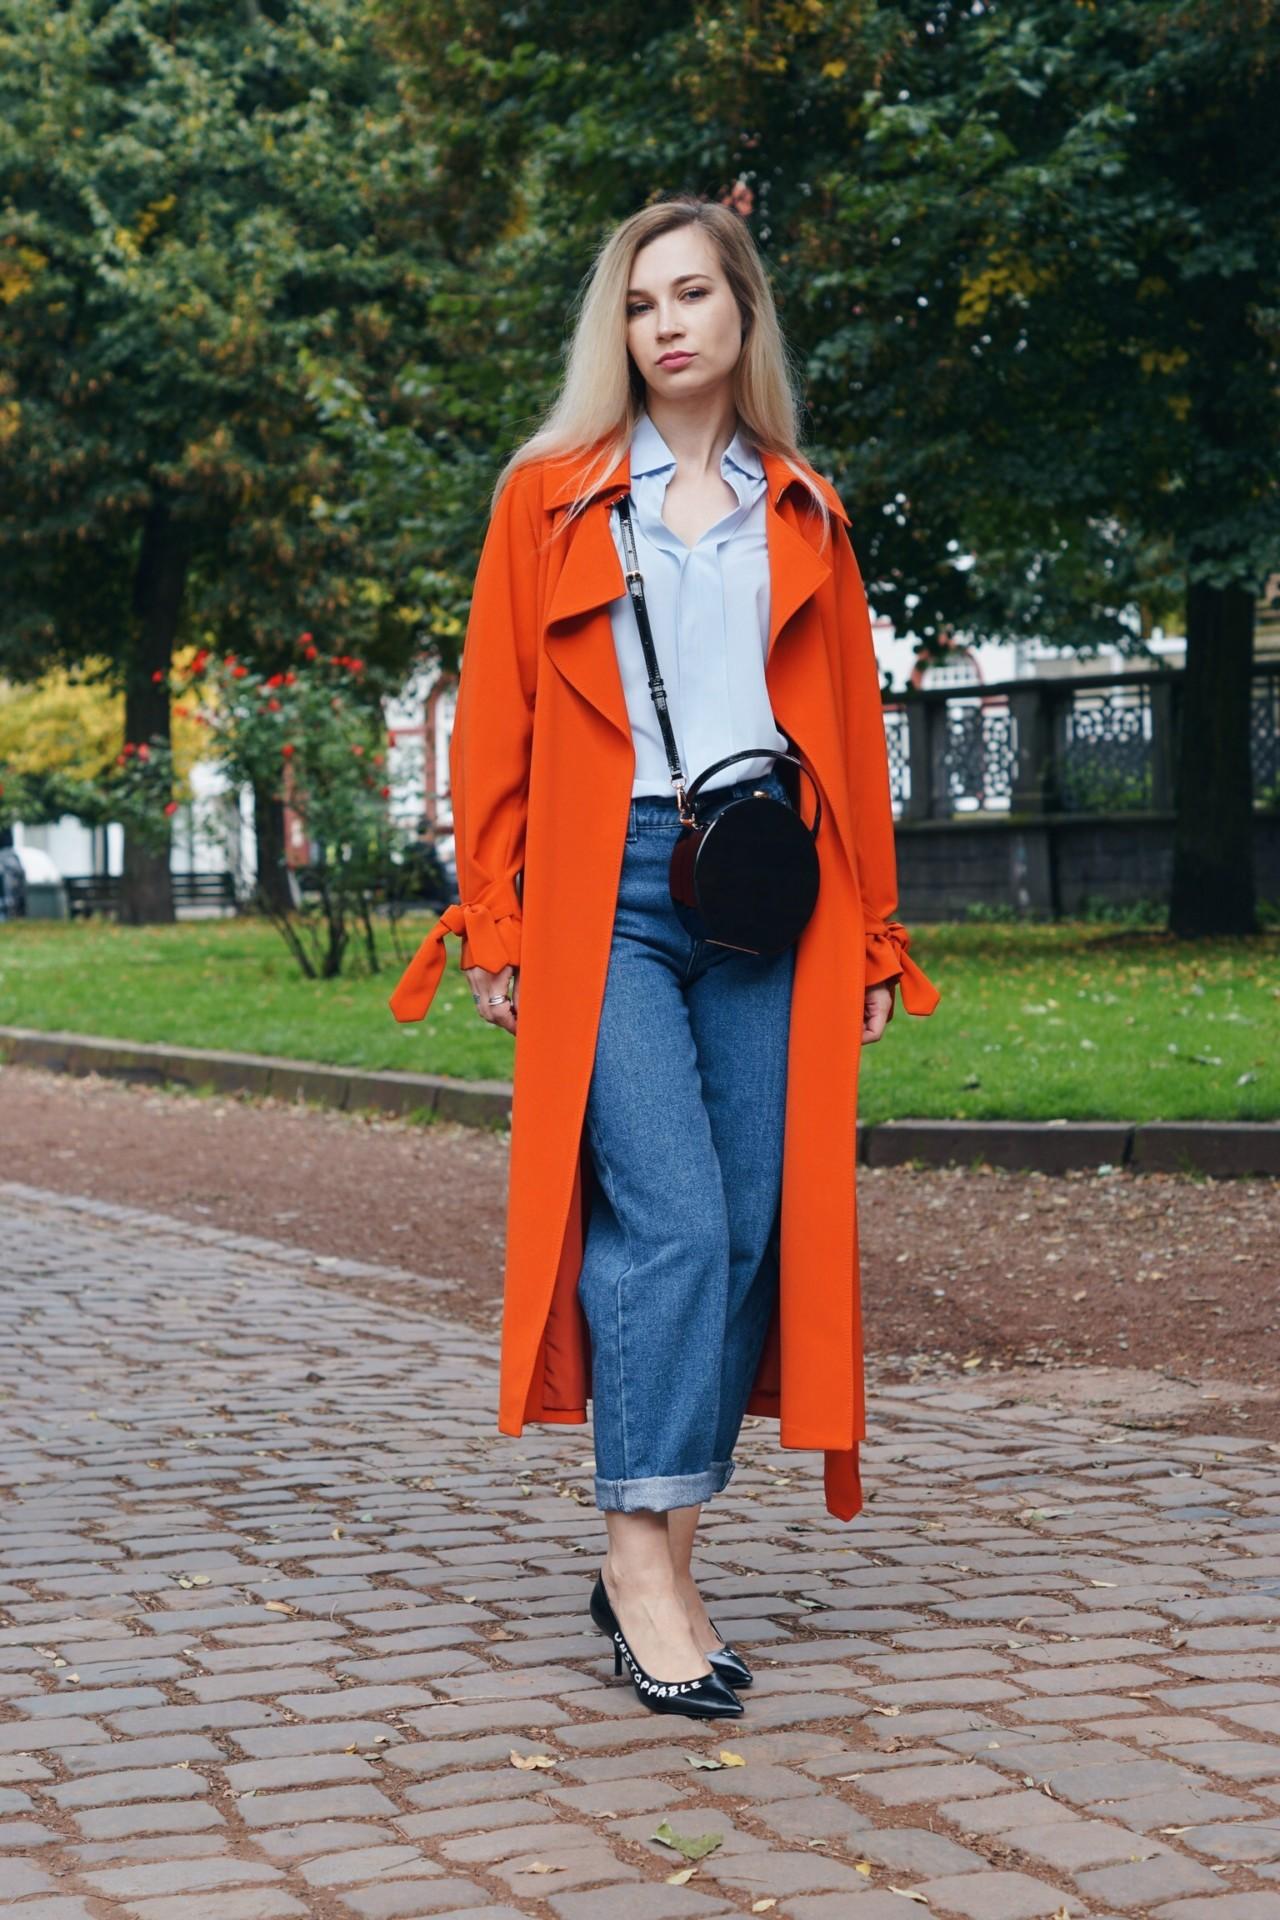 dbkstylez_bestblog_fashion_trends_orange_coat_stil_mode_mom_jeans_herbsttrends_мода_стиль